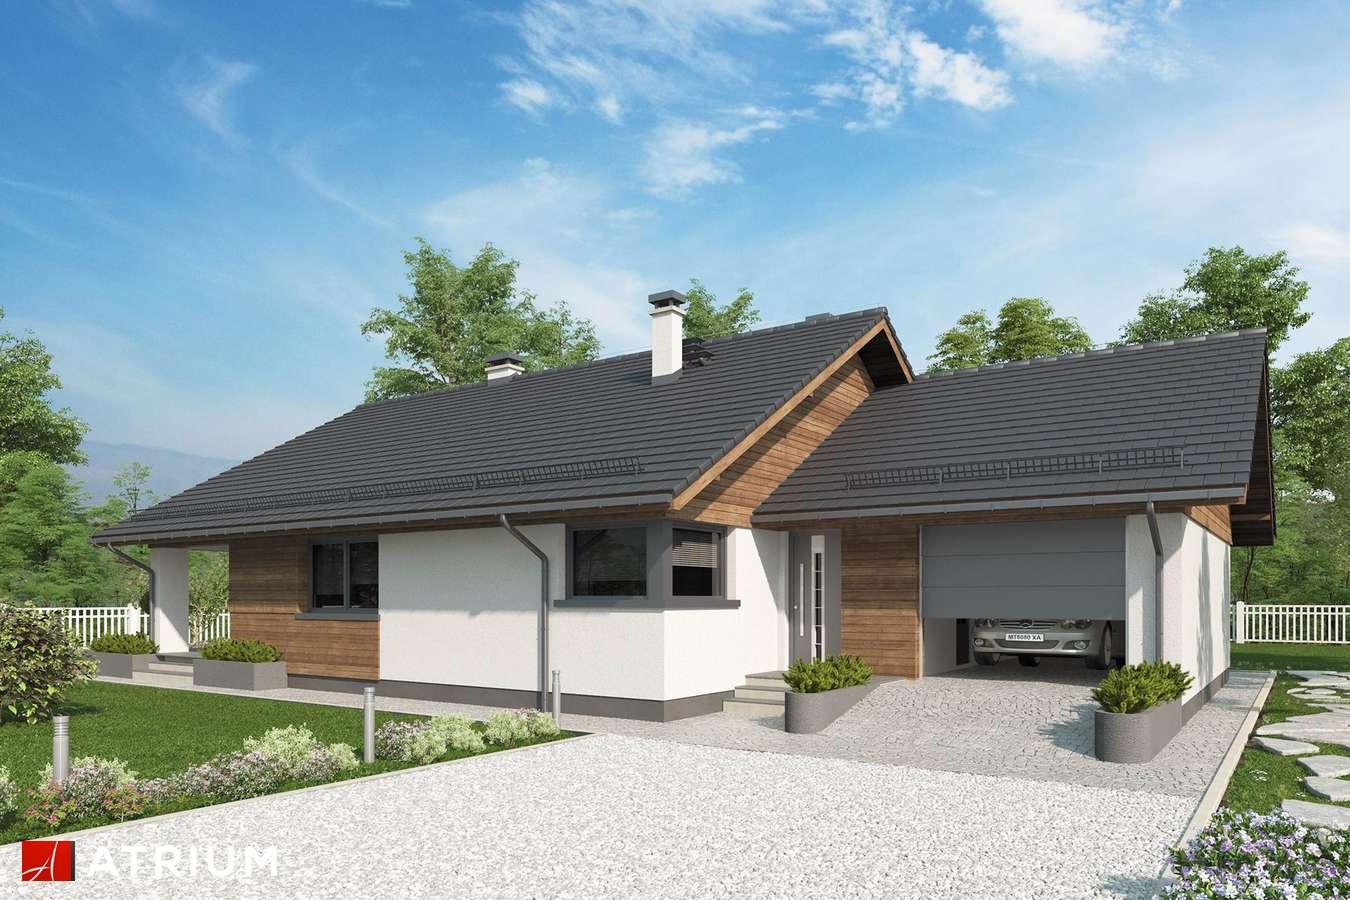 Projekty domów - Projekt domu parterowego KOS X - wizualizacja 1